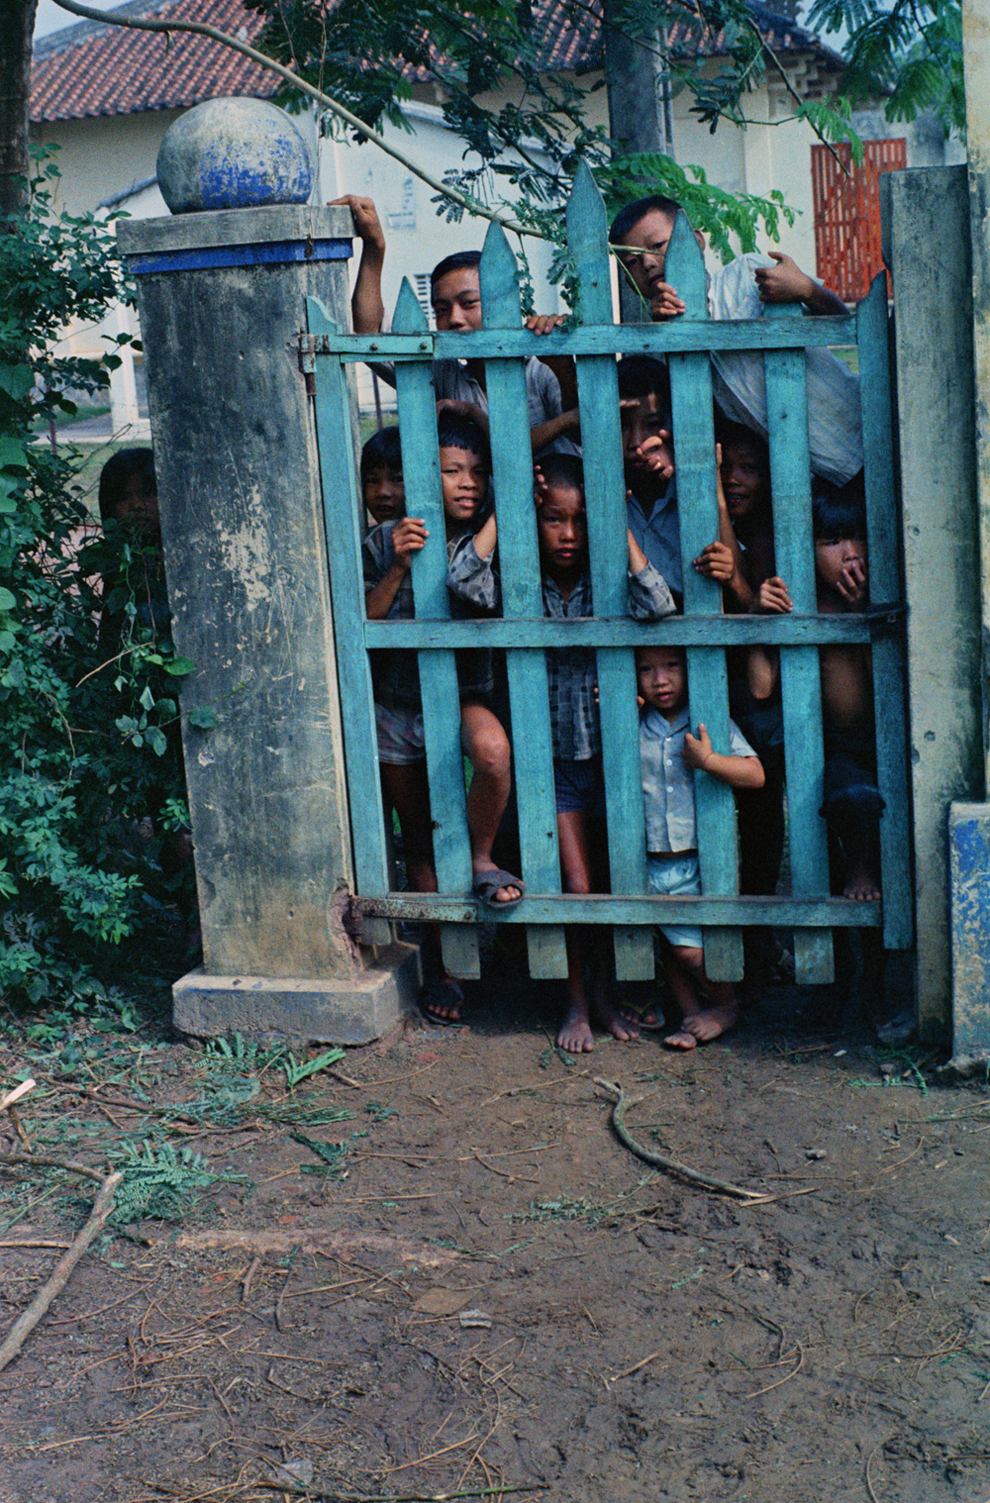 bp41 - Hình ảnh hiếm gây chấn động về cuộc chiến ở Việt Nam